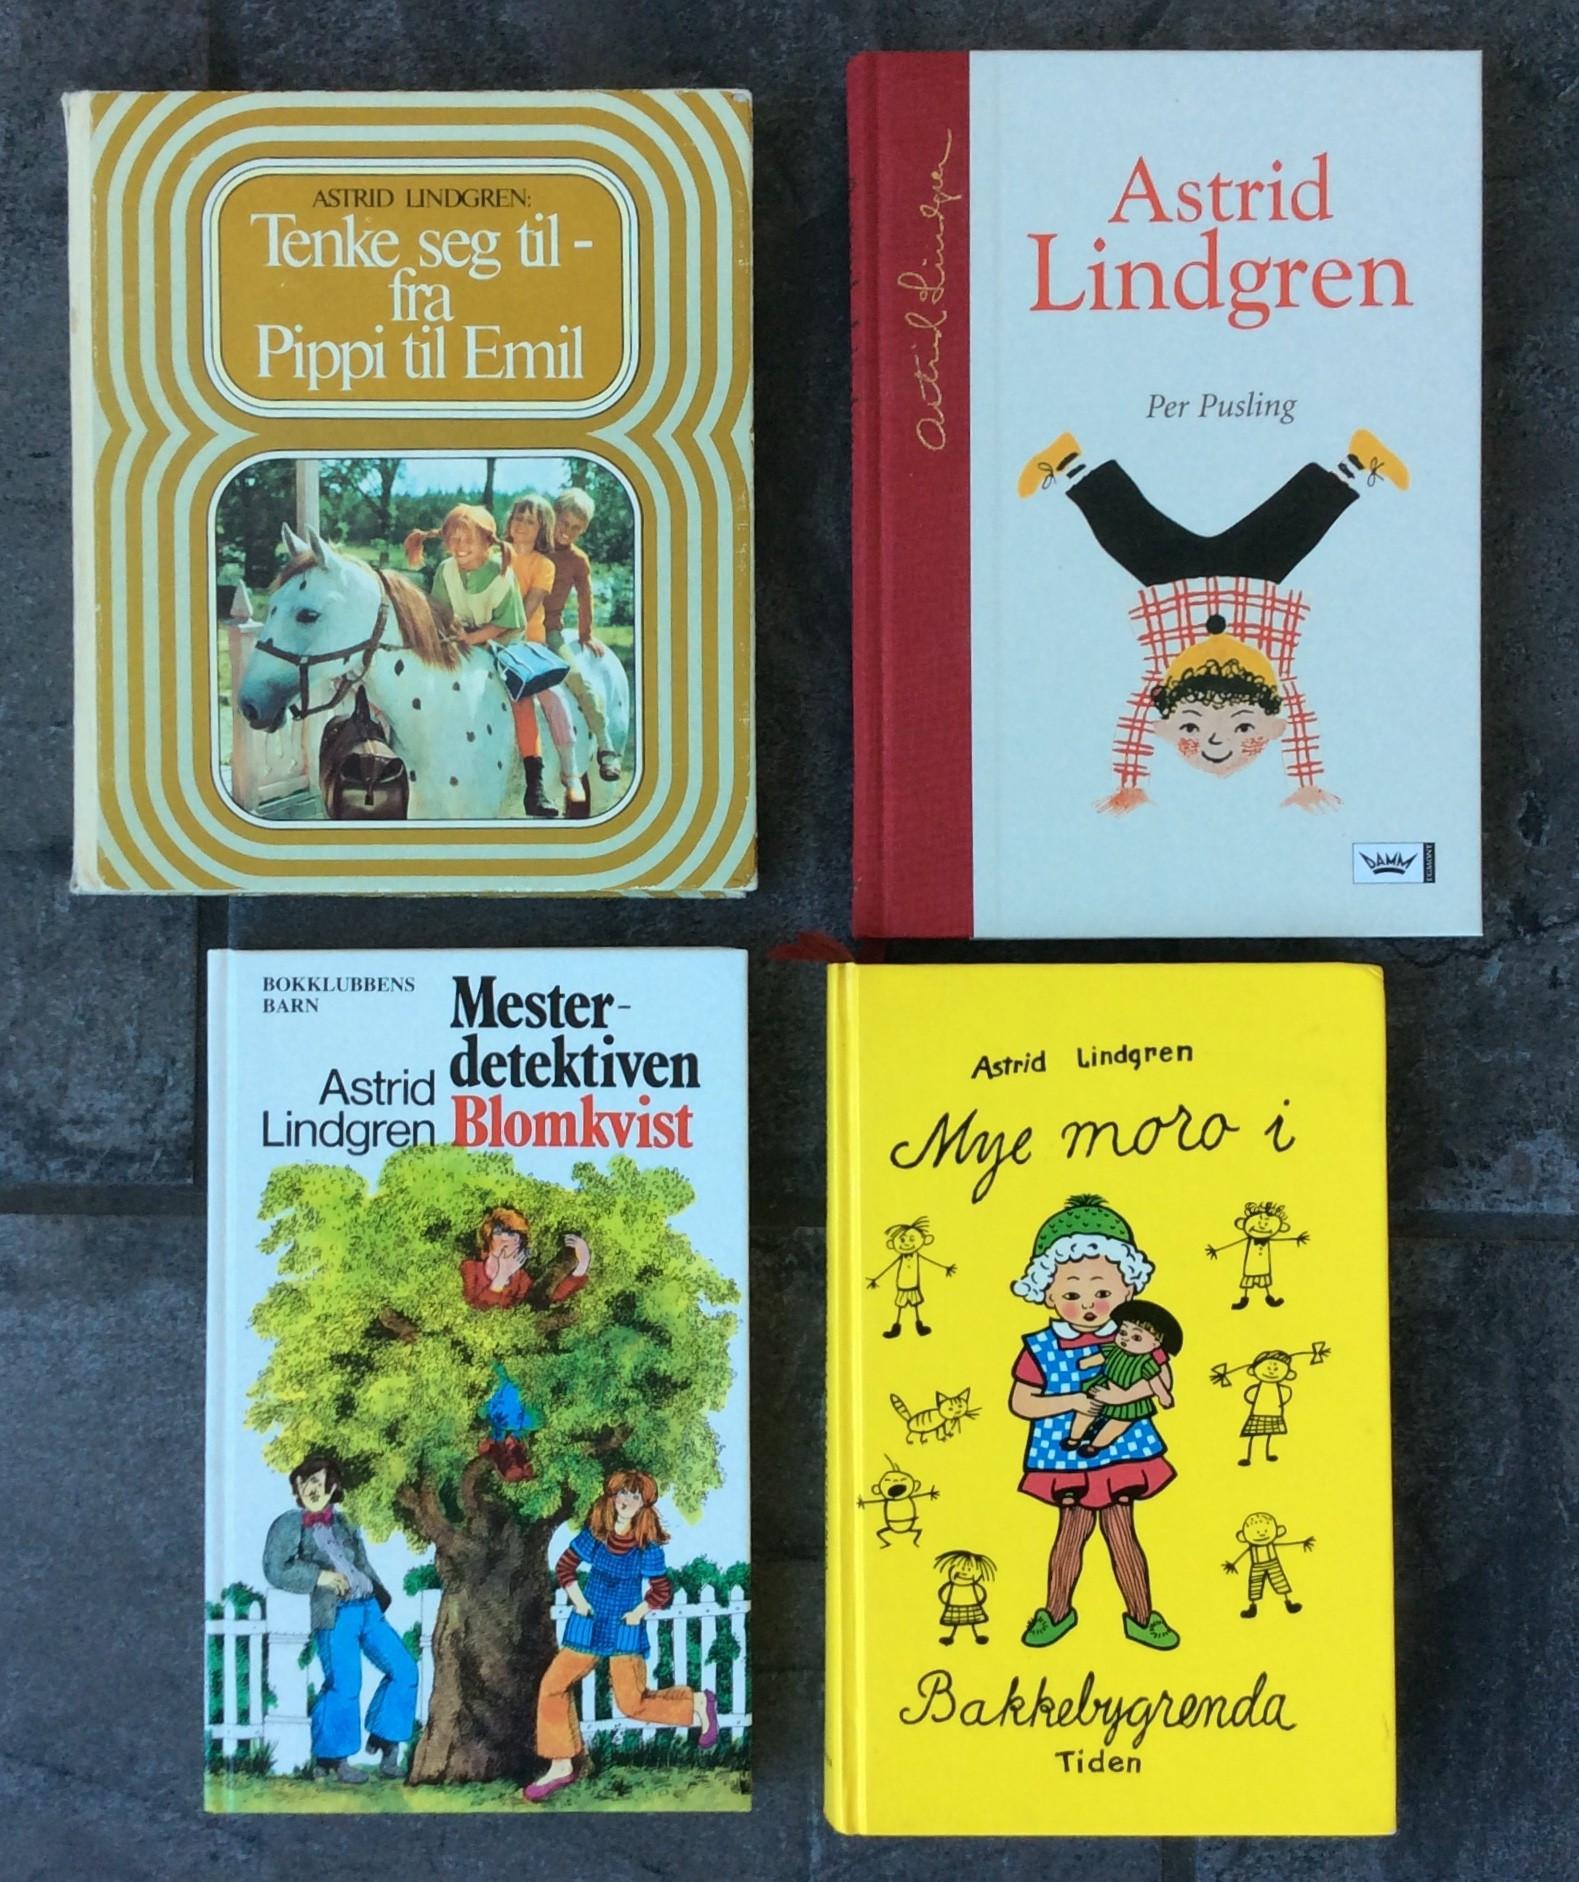 d9fc0a82 ASTRID LINDGREN-4 flotte bøker«Per Pusling» «Mye moro i ...